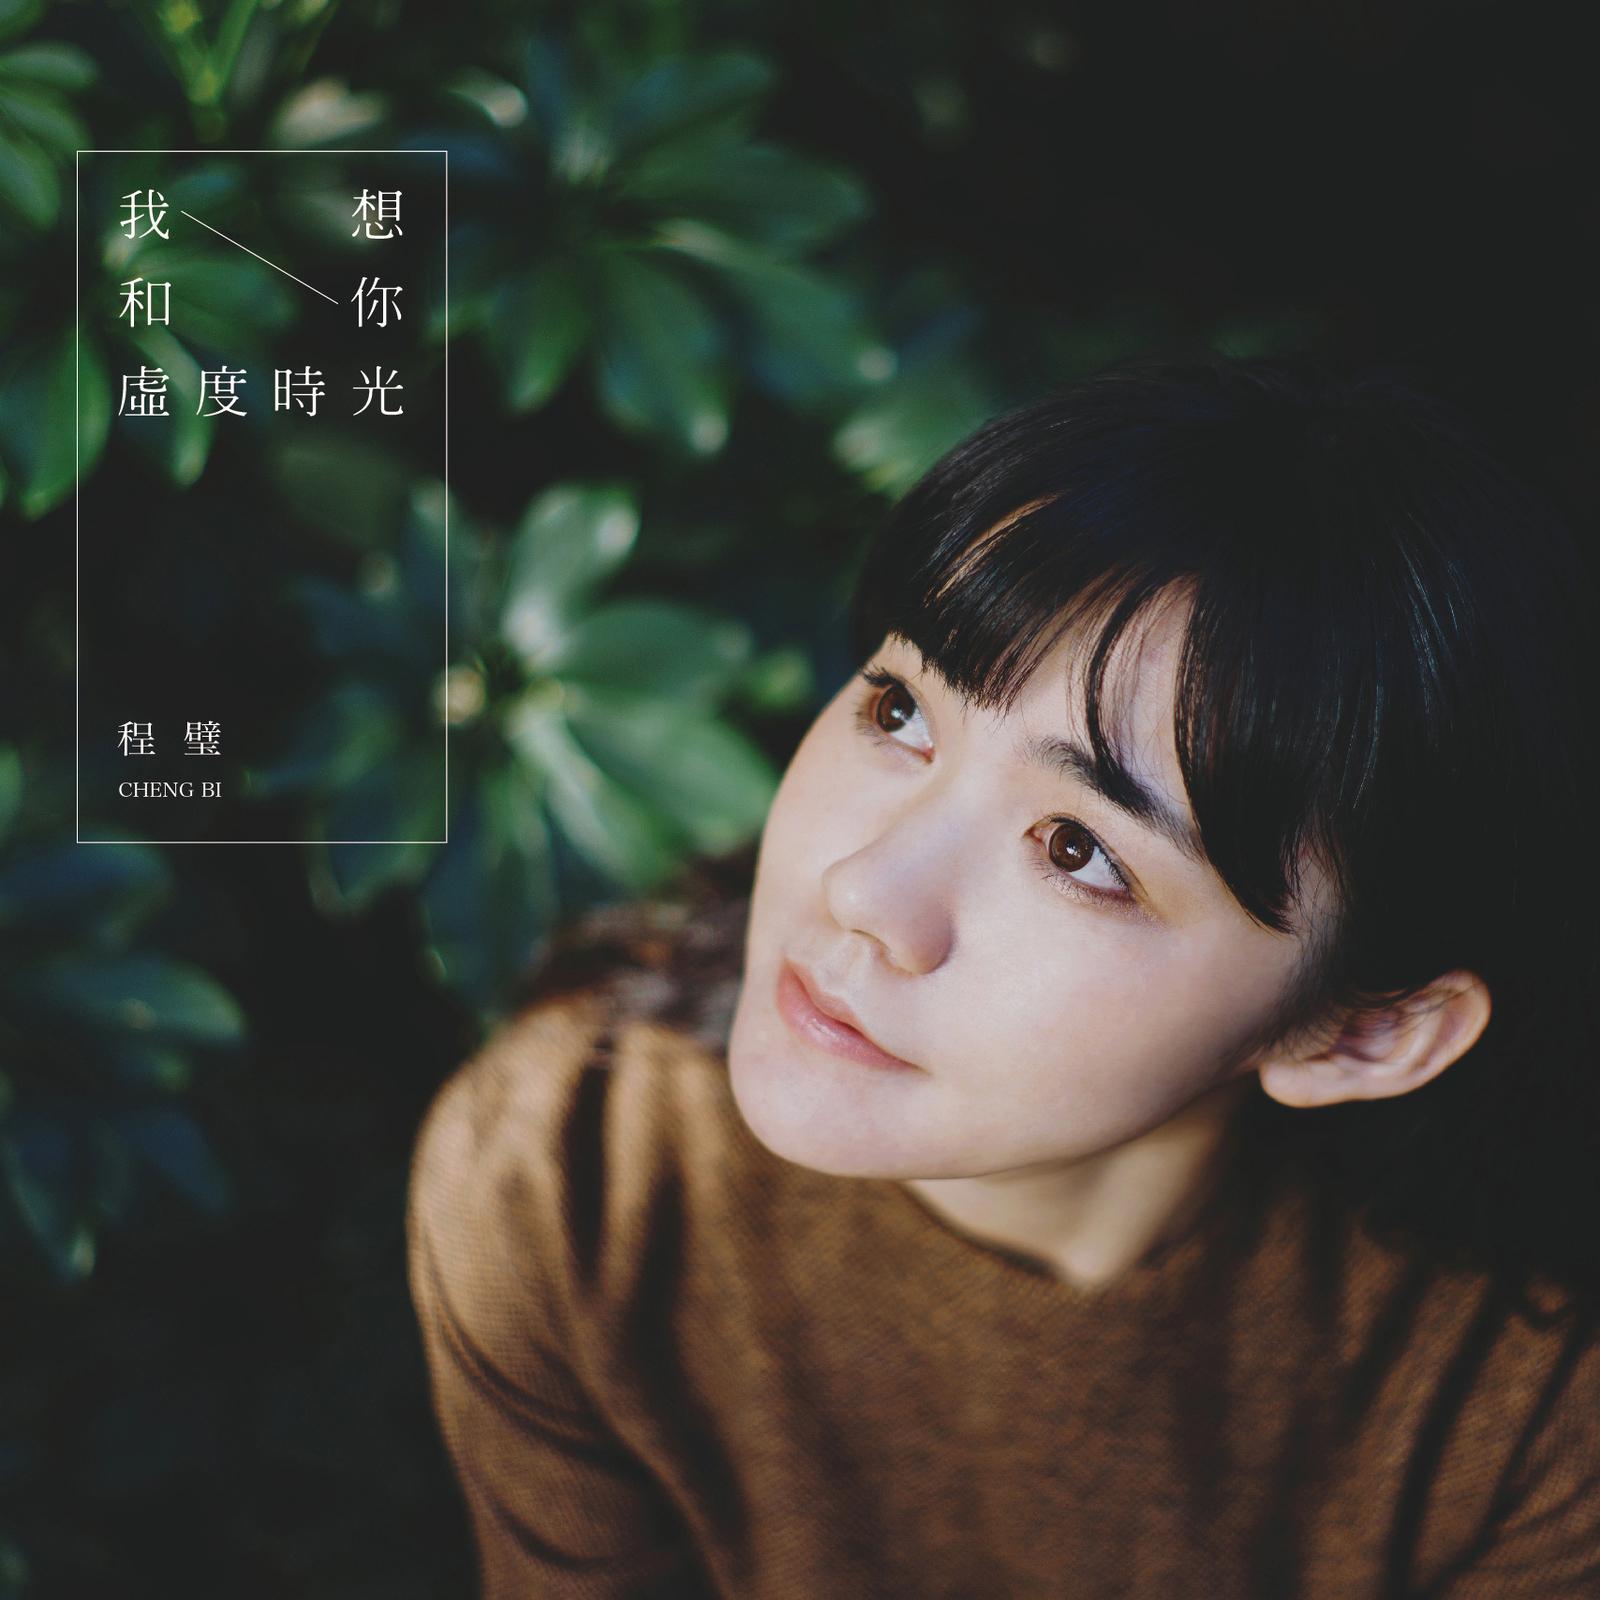 アルバムジャケット画像_あなたと上の空.jpg